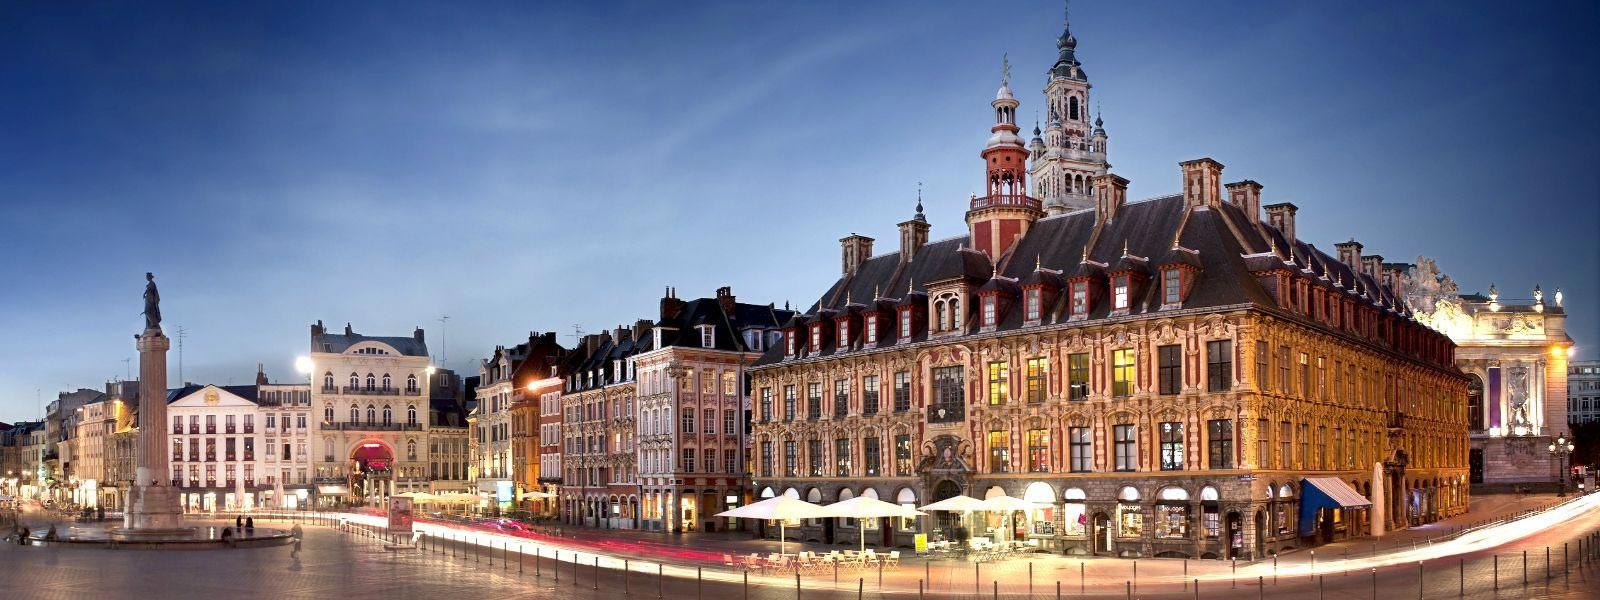 Expérience à Lille, France, par Perrine